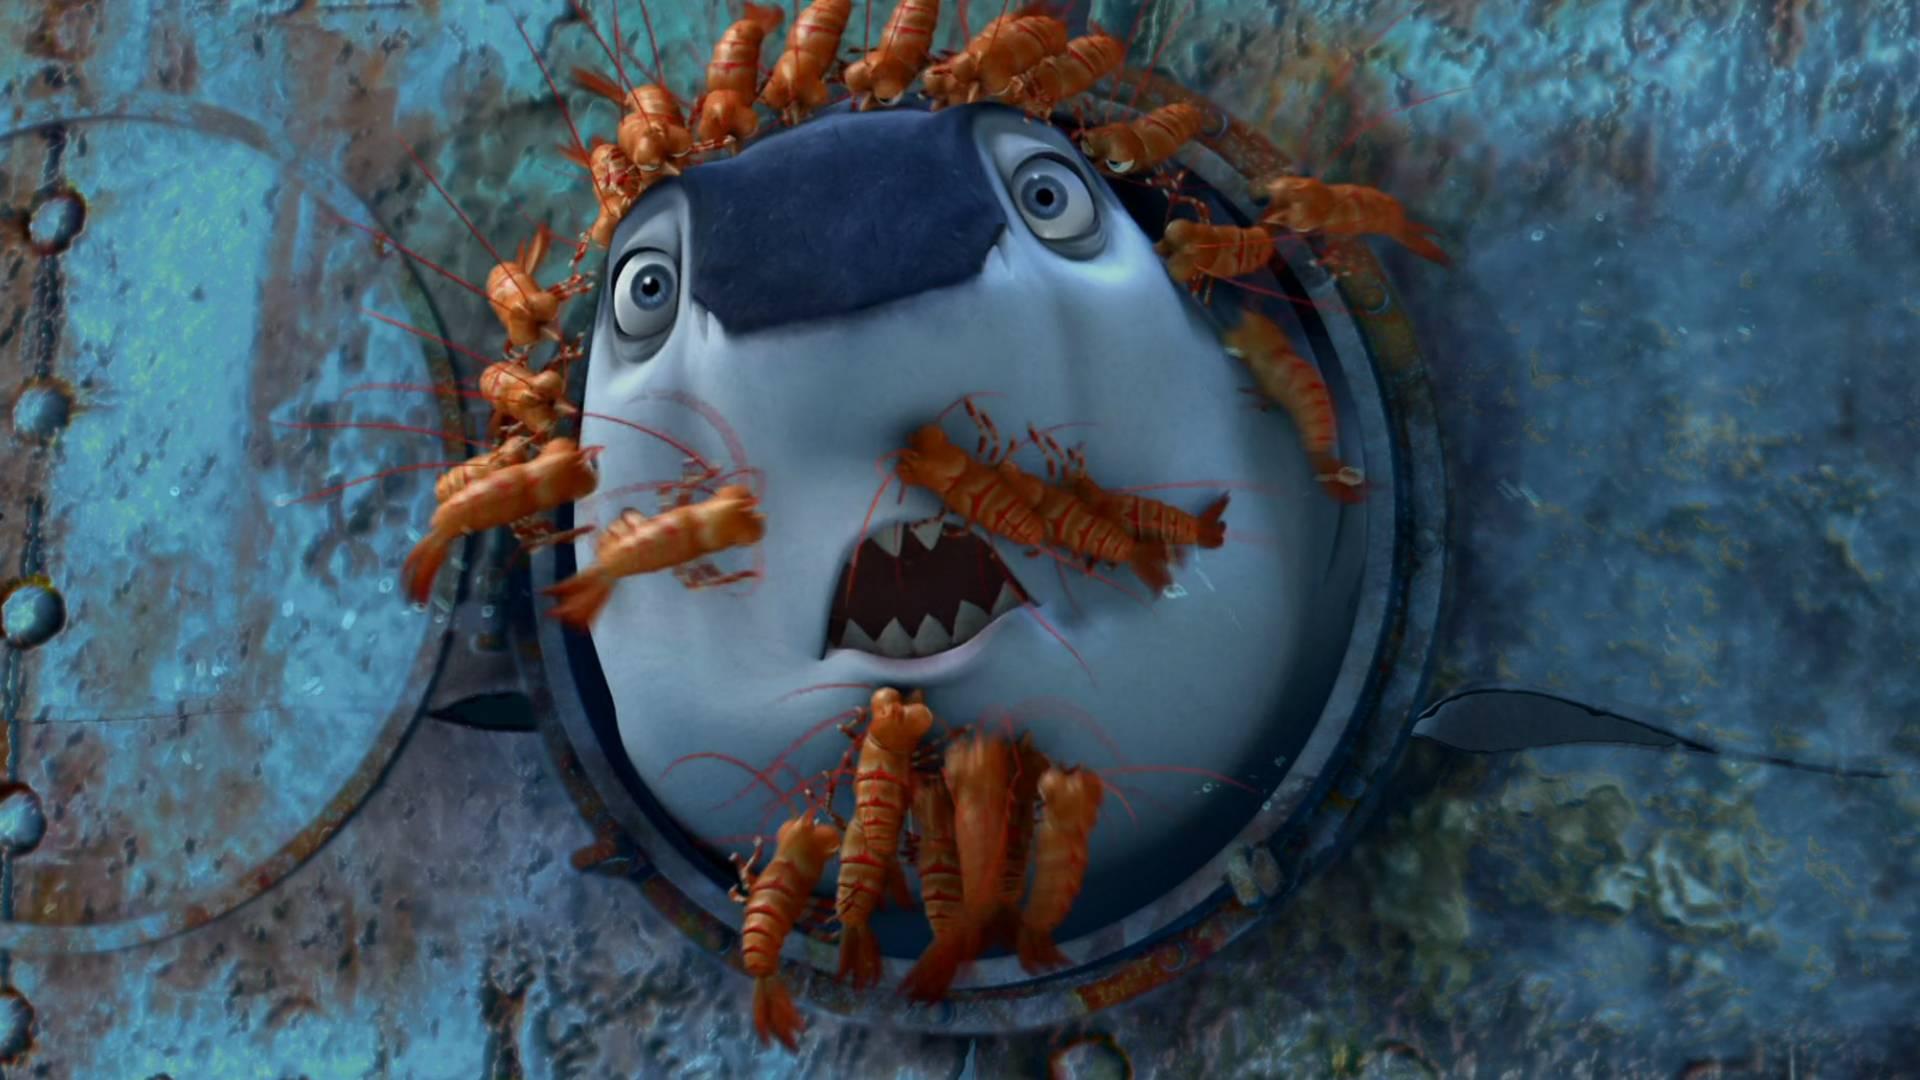 小鲨鱼从小不敢吃小鱼,这可把鲨鱼父母急坏了,一部搞笑鲨鱼电影